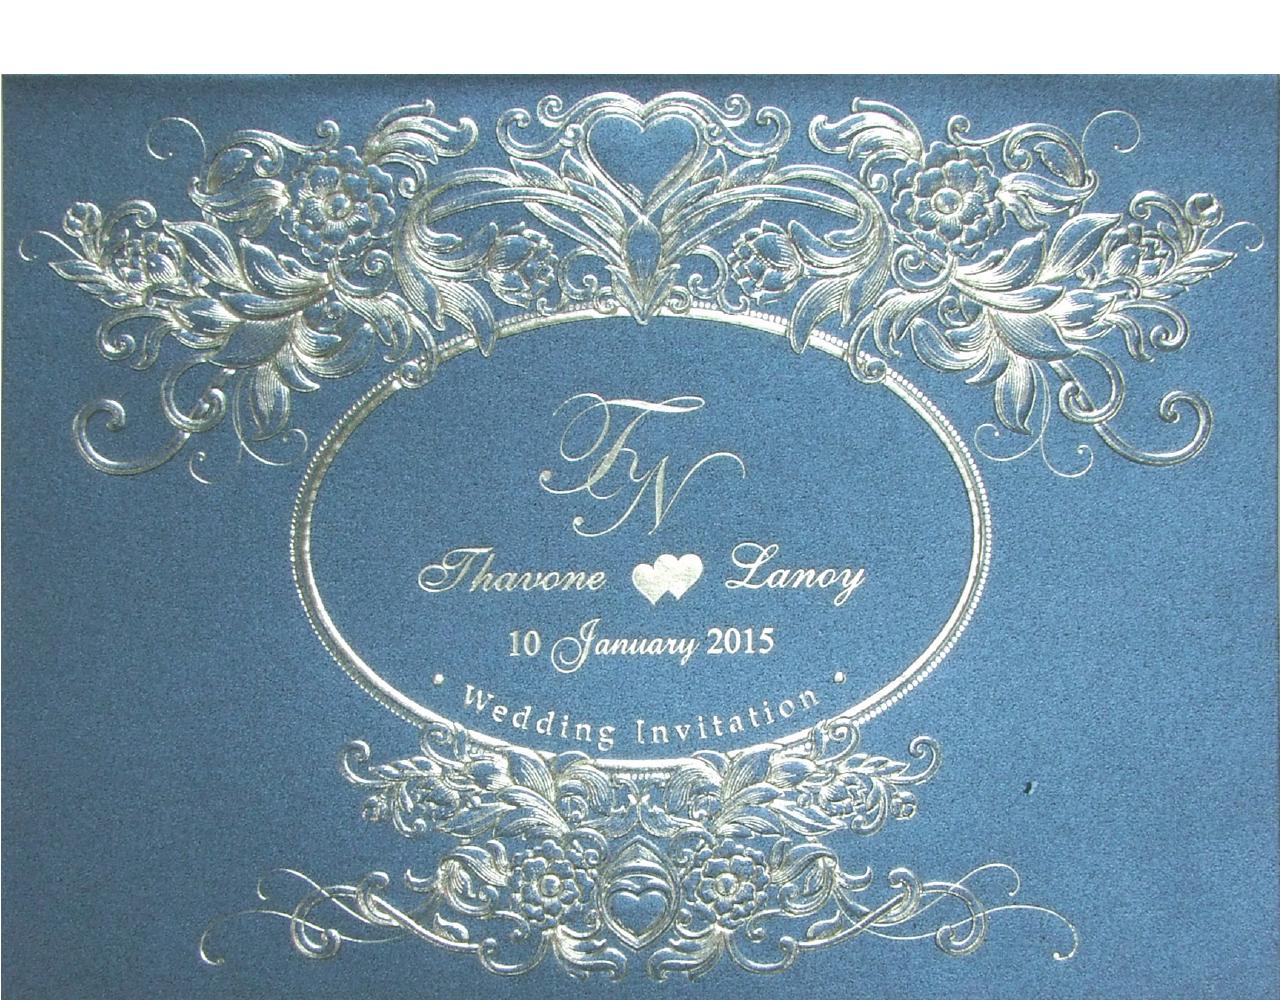 การ์ดแต่งงาน การ์ดเชิญงานแต่ง สีมุกน้ำเงิน สองพับใบใหญ่ ดีไซน์เรียบหรู ปั๊มนูน พิมพ์เคเงิน Wedding 15.3 x 21.3 cm SP 5817 Navy Blue